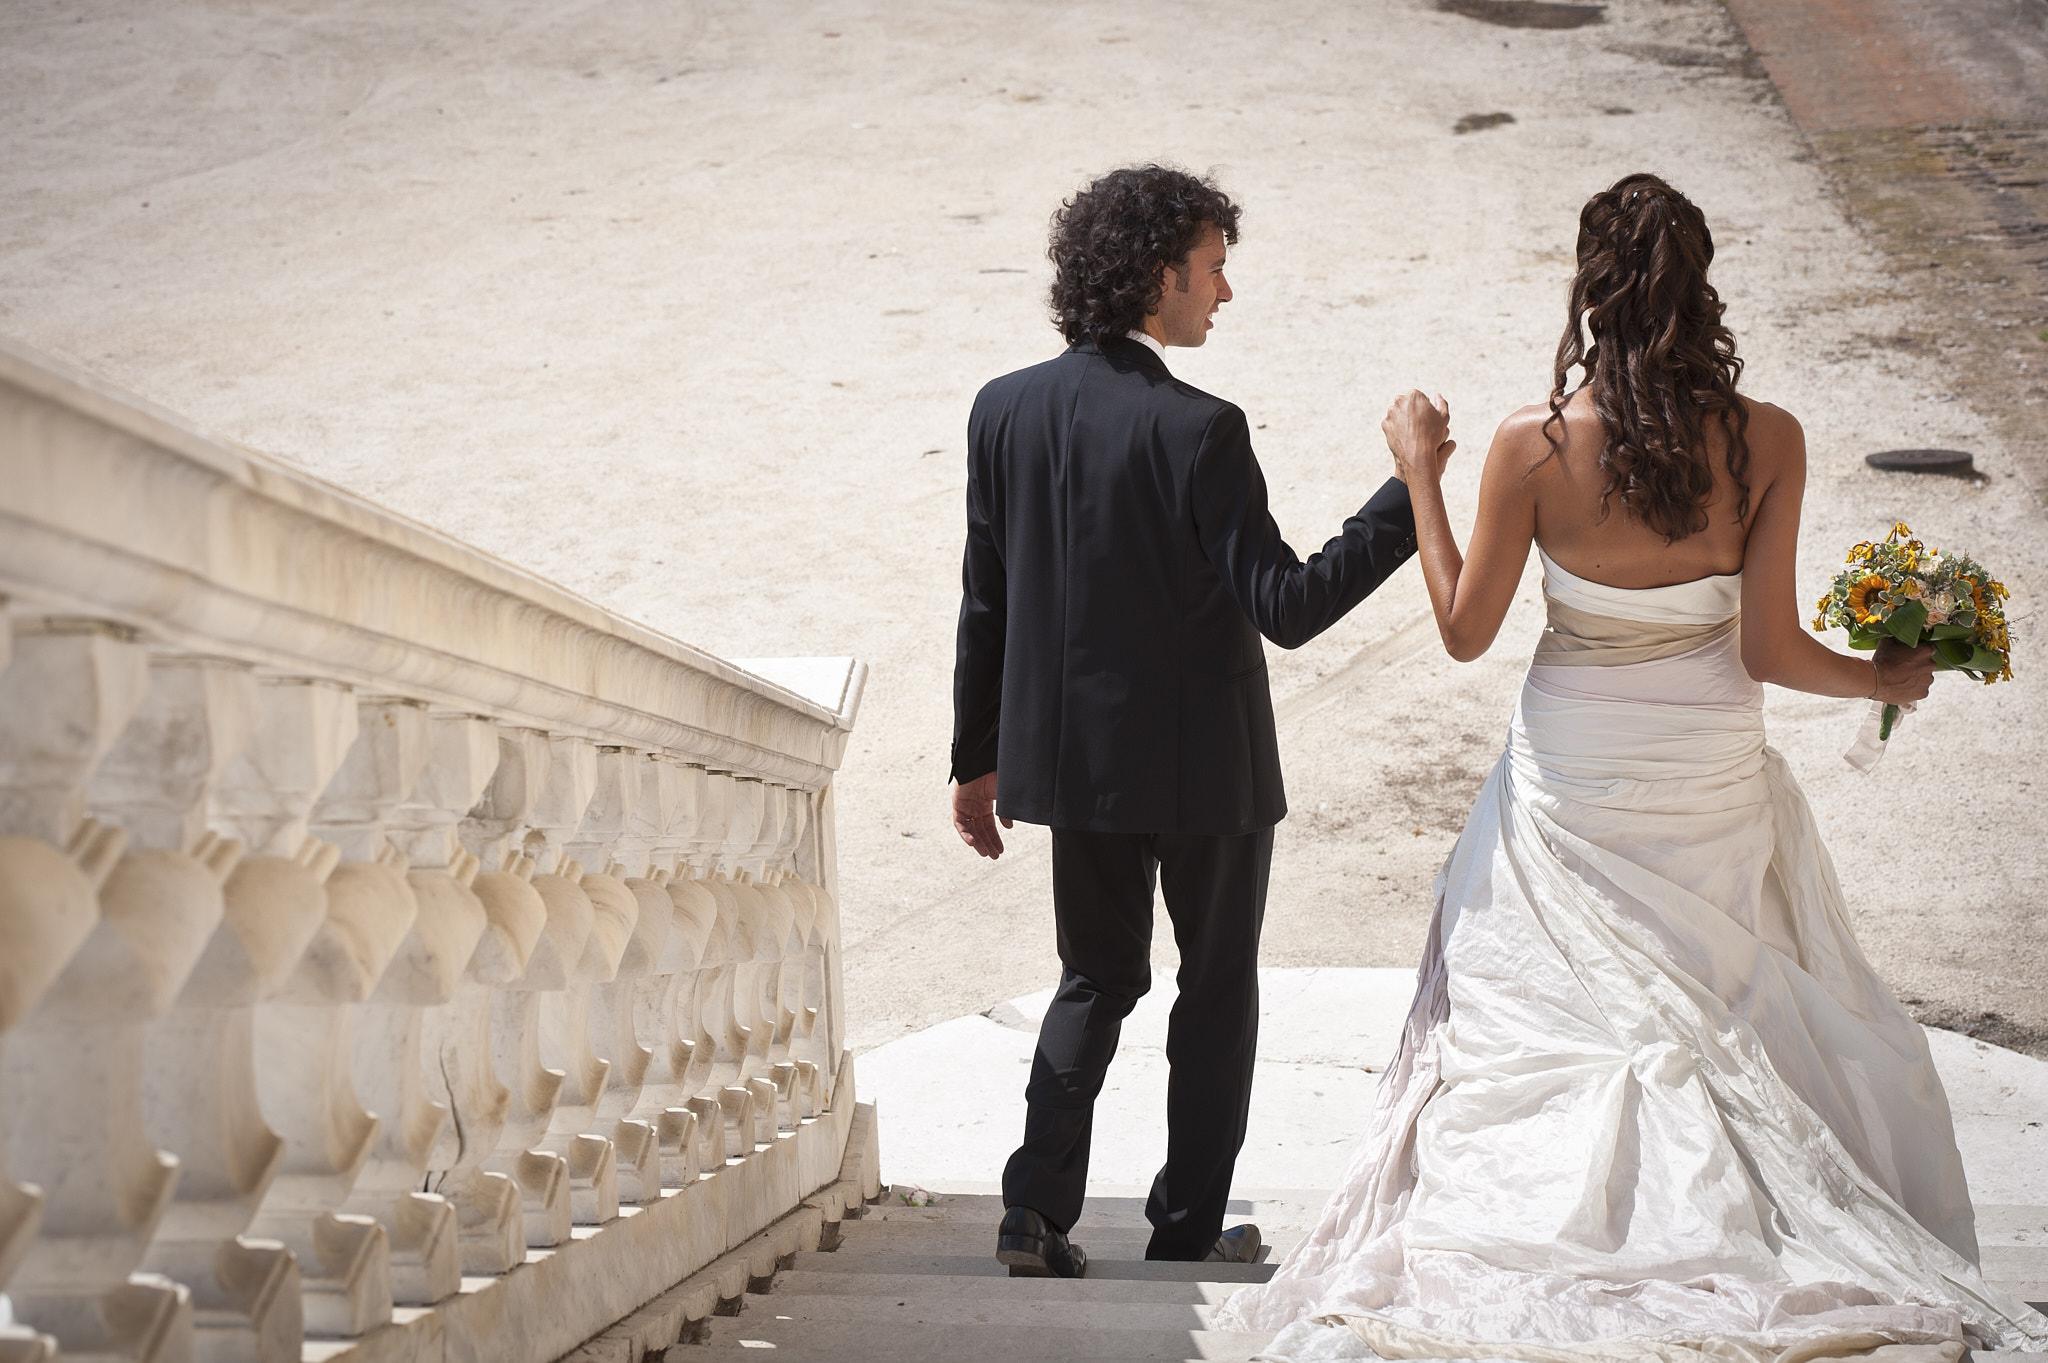 matrimonio rid 0_33